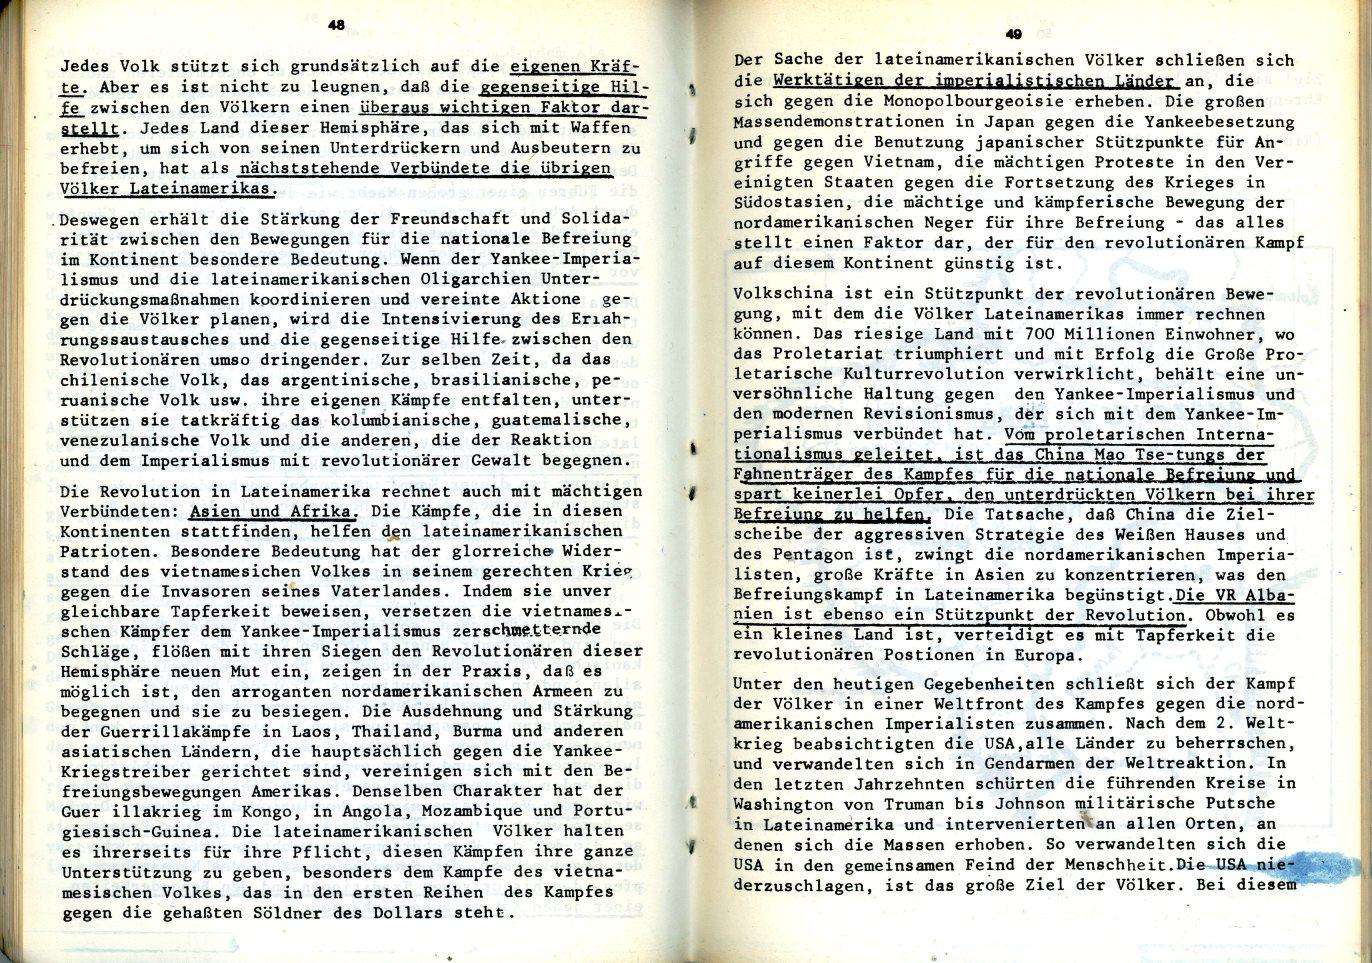 MLSK_Theorie_und_Praxis_des_ML_1978_20_33